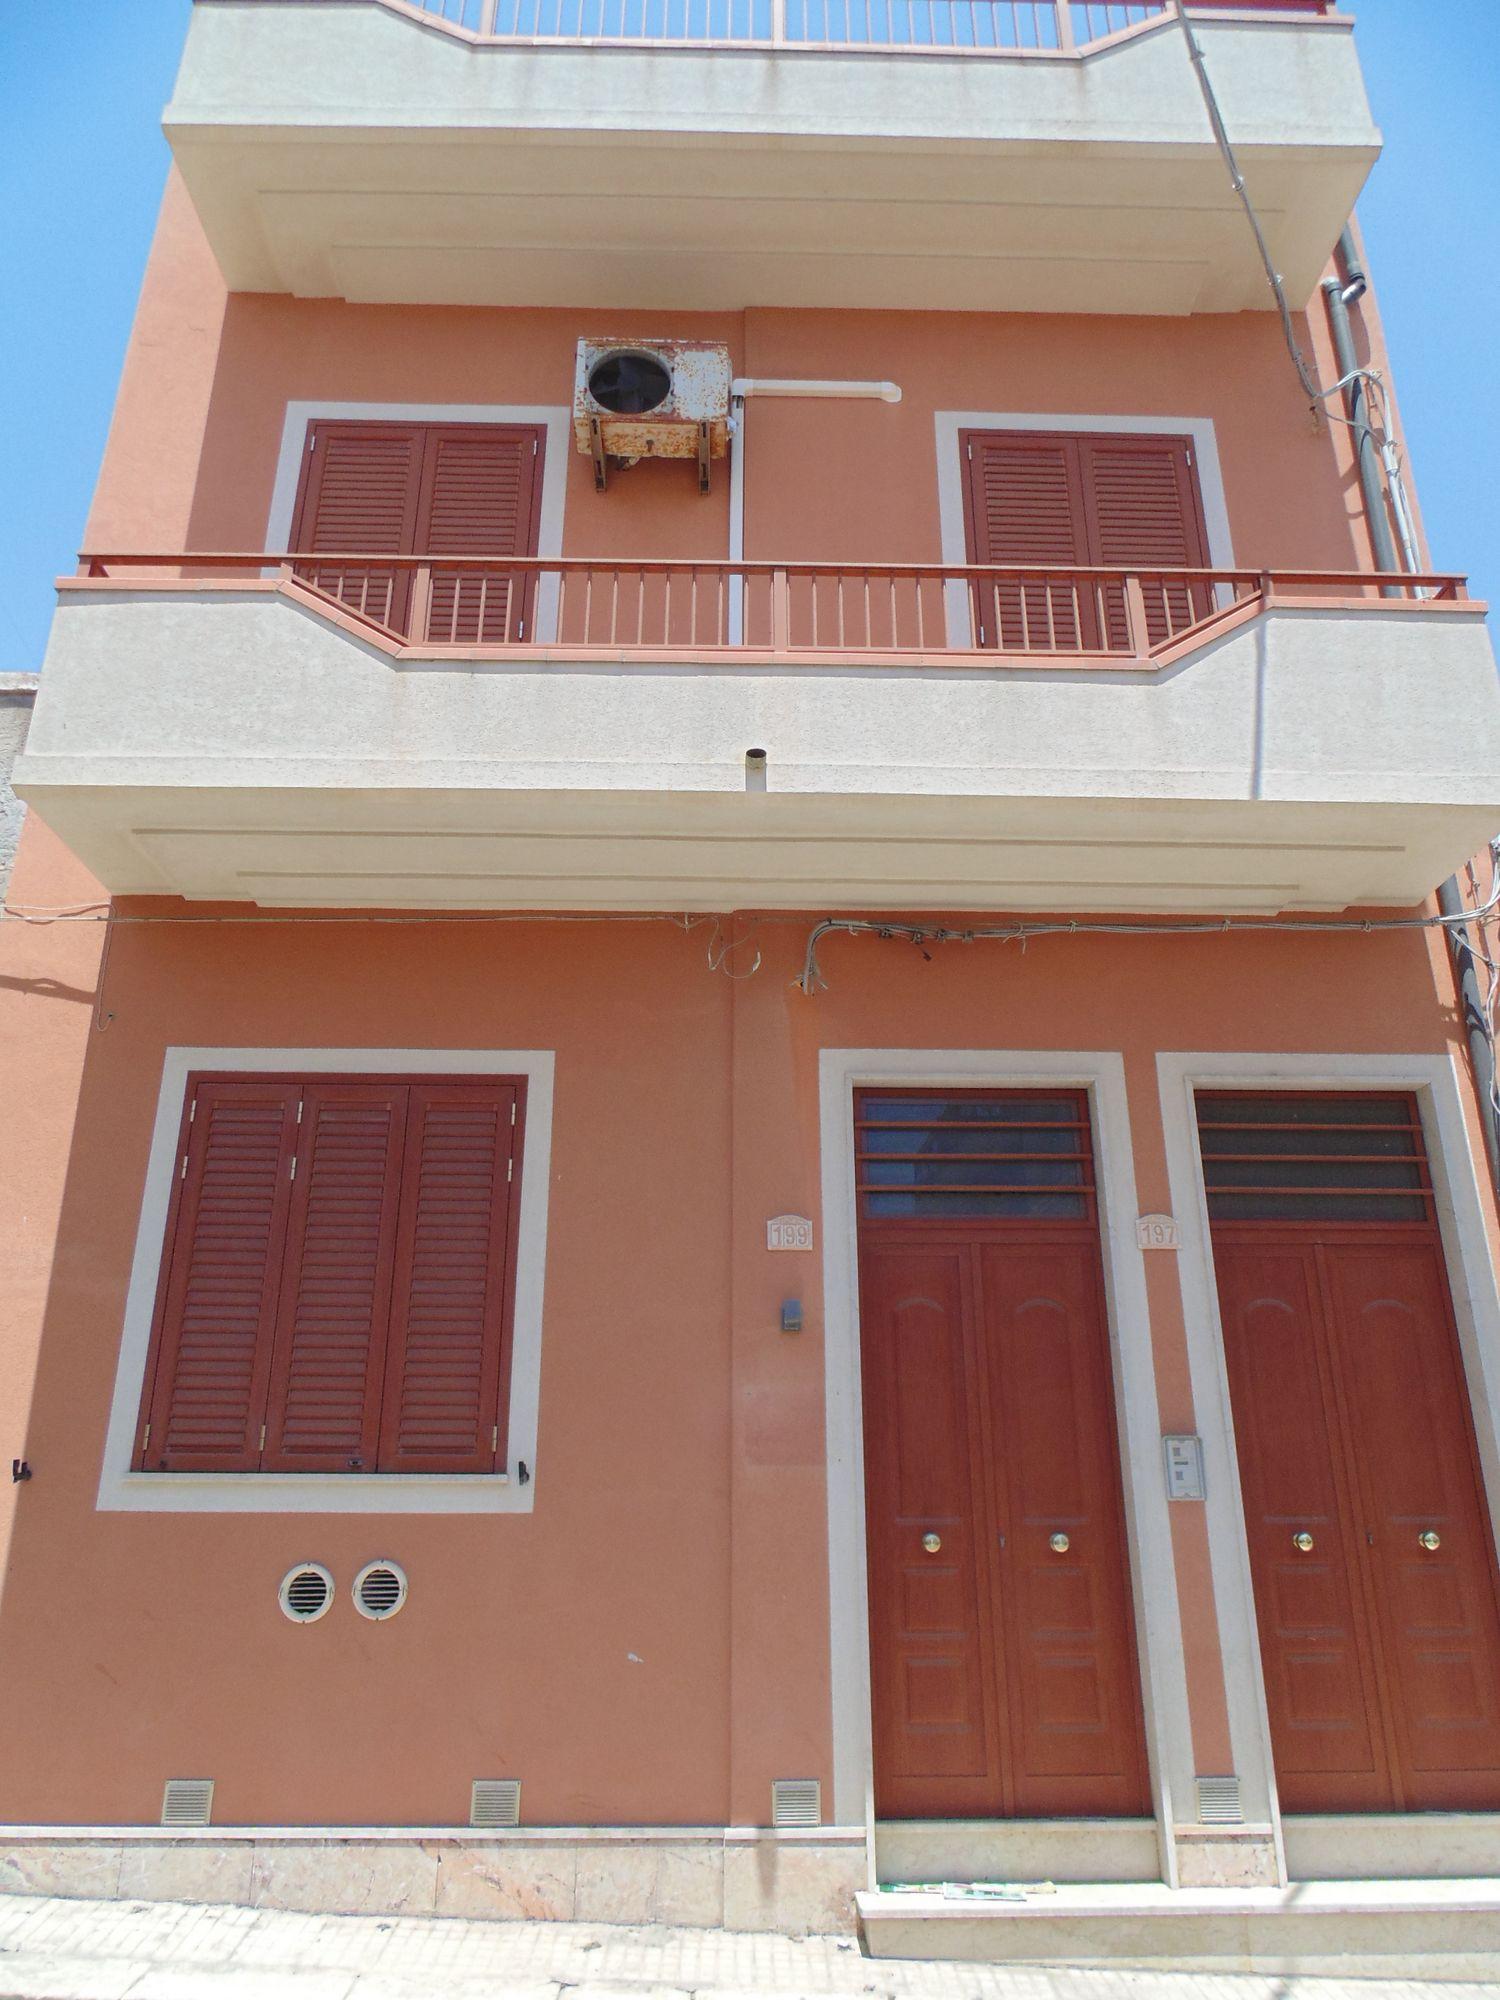 Palazzina di circa mq 200 escluse le terrazze, su tre livelli, in ottime condizioni, con piano terra predisposto per studio dentistico,mentre il primo e il secondo piano adibiti ad abitazione. L